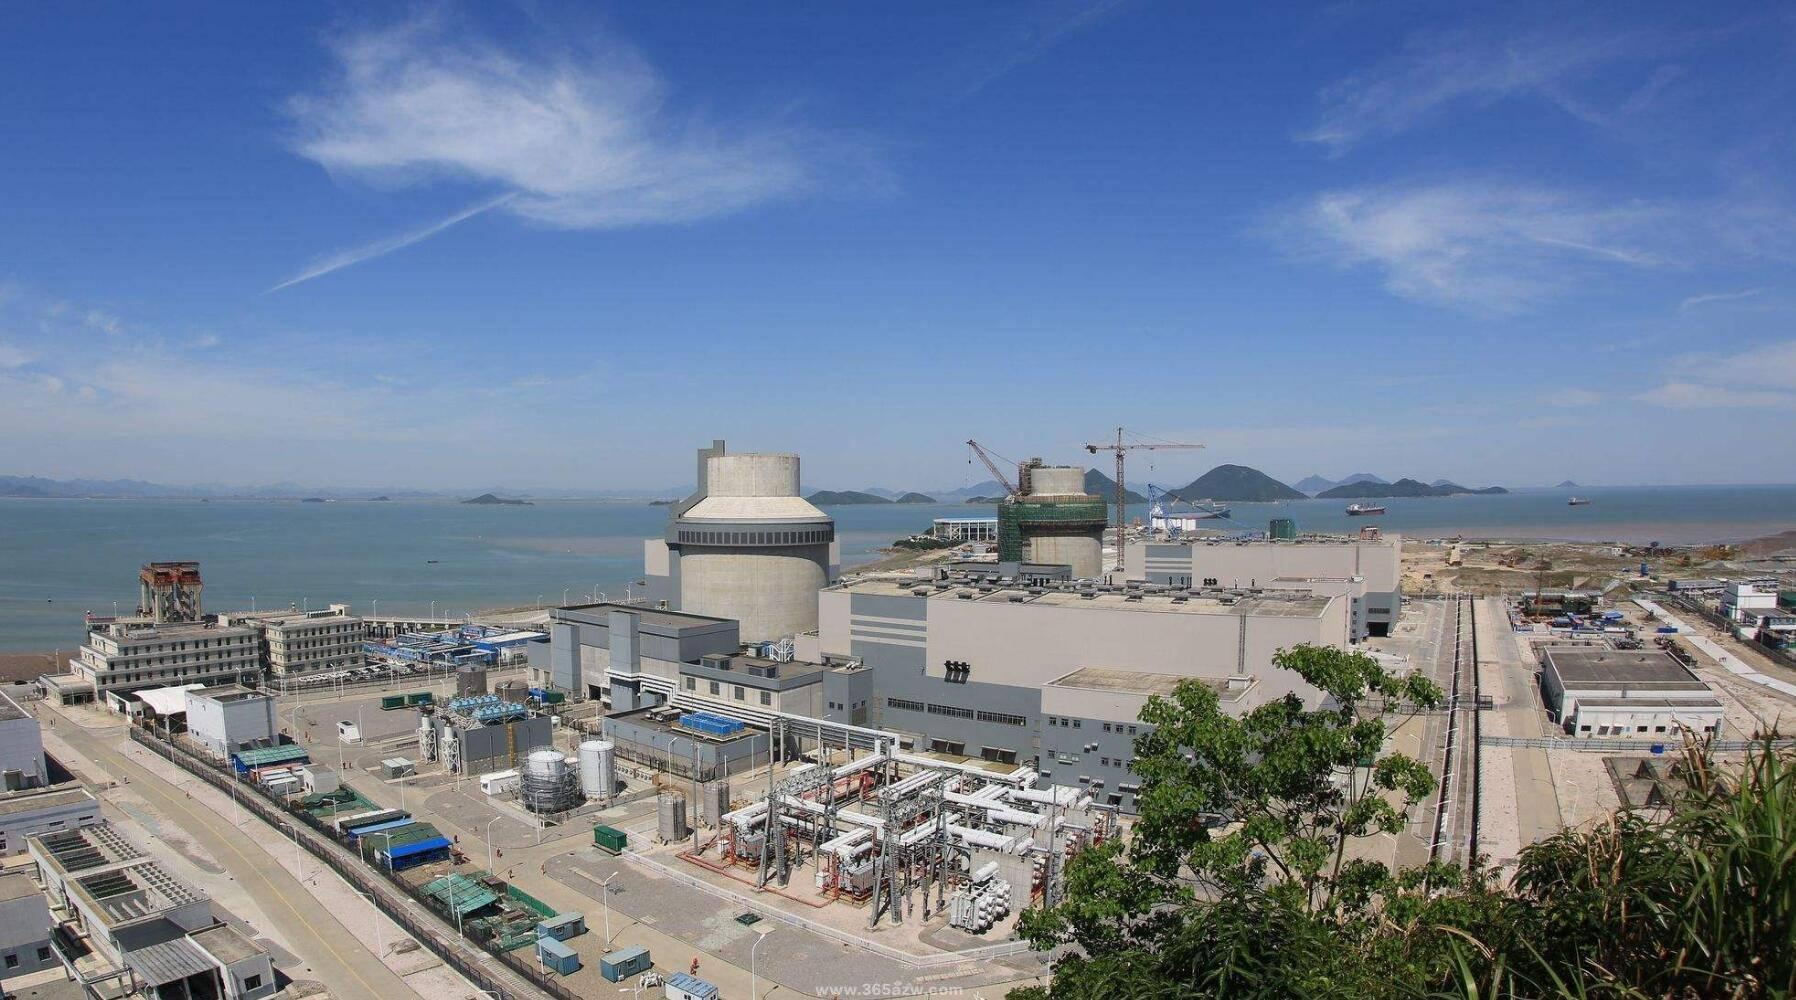 实力强劲,我国核能领域重大突破,引起美国高度关注